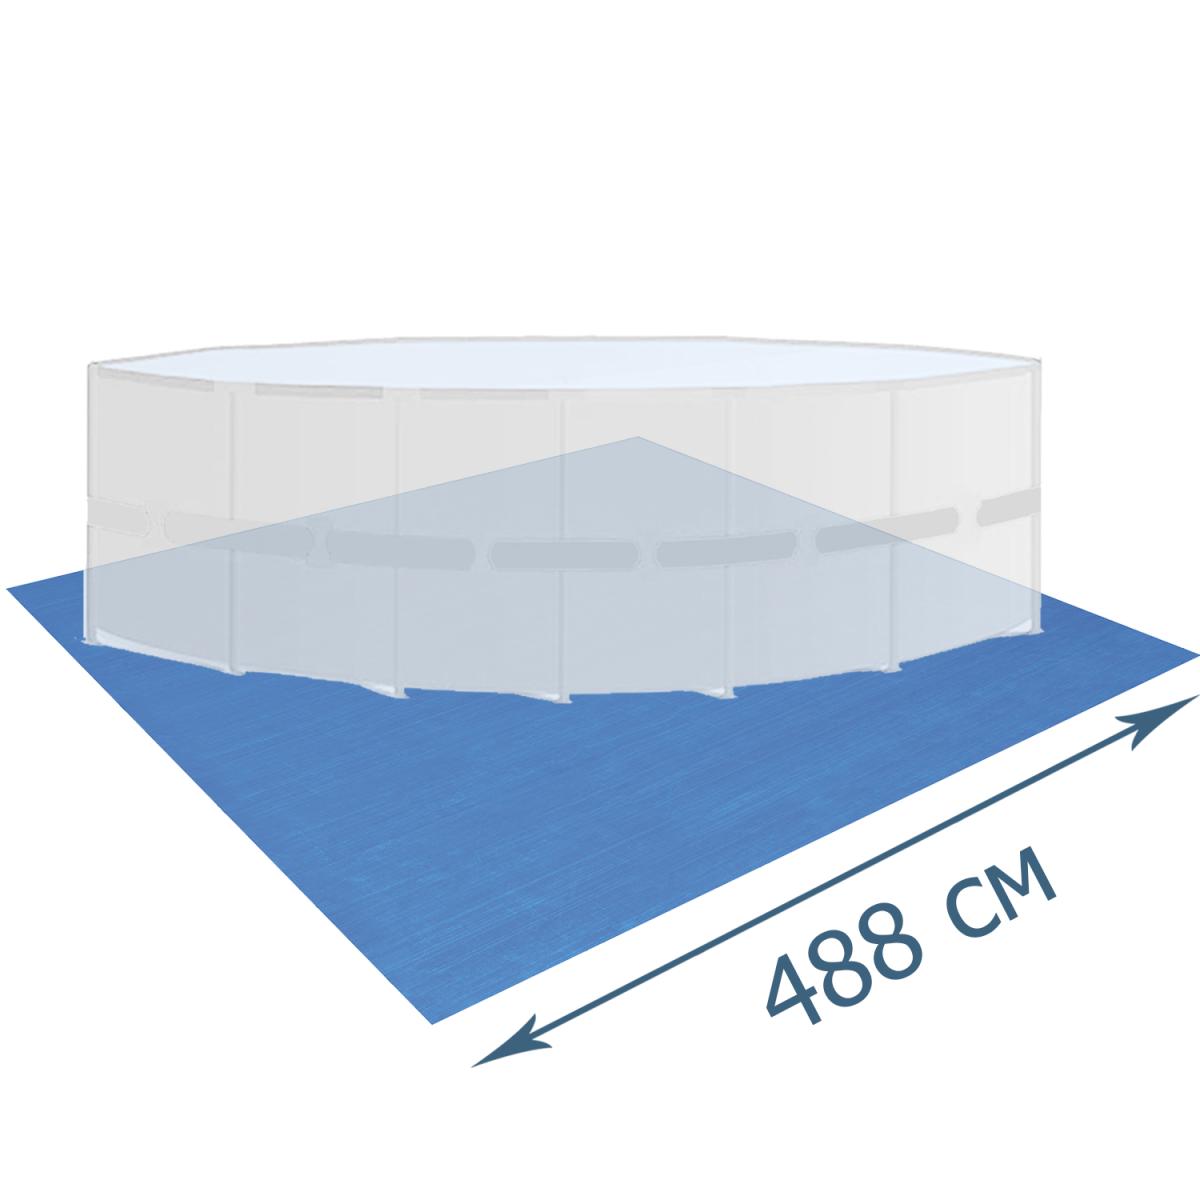 Подстилка для бассейна Bestway 58003, 488 х 488 см, квадратная